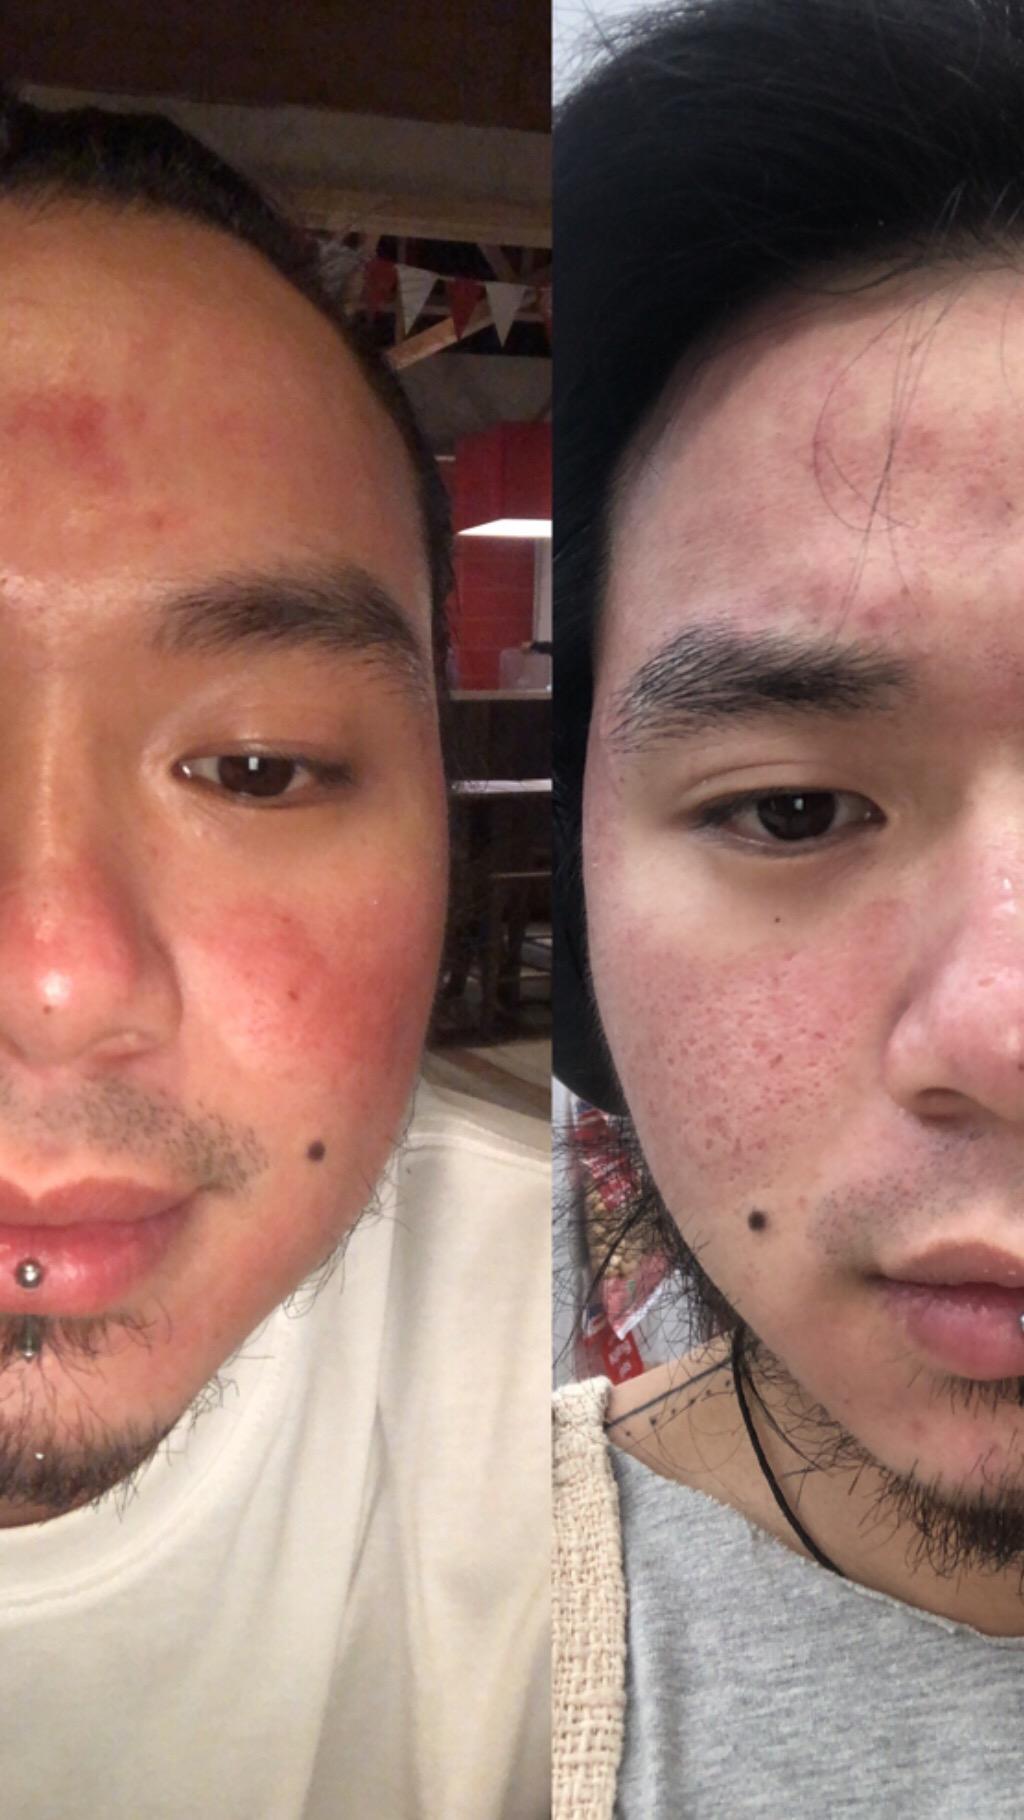 kiri 1 hari setelah vampire facial (29-4-2019) kanan 1hari setelah vampire facial (22 January 2019)